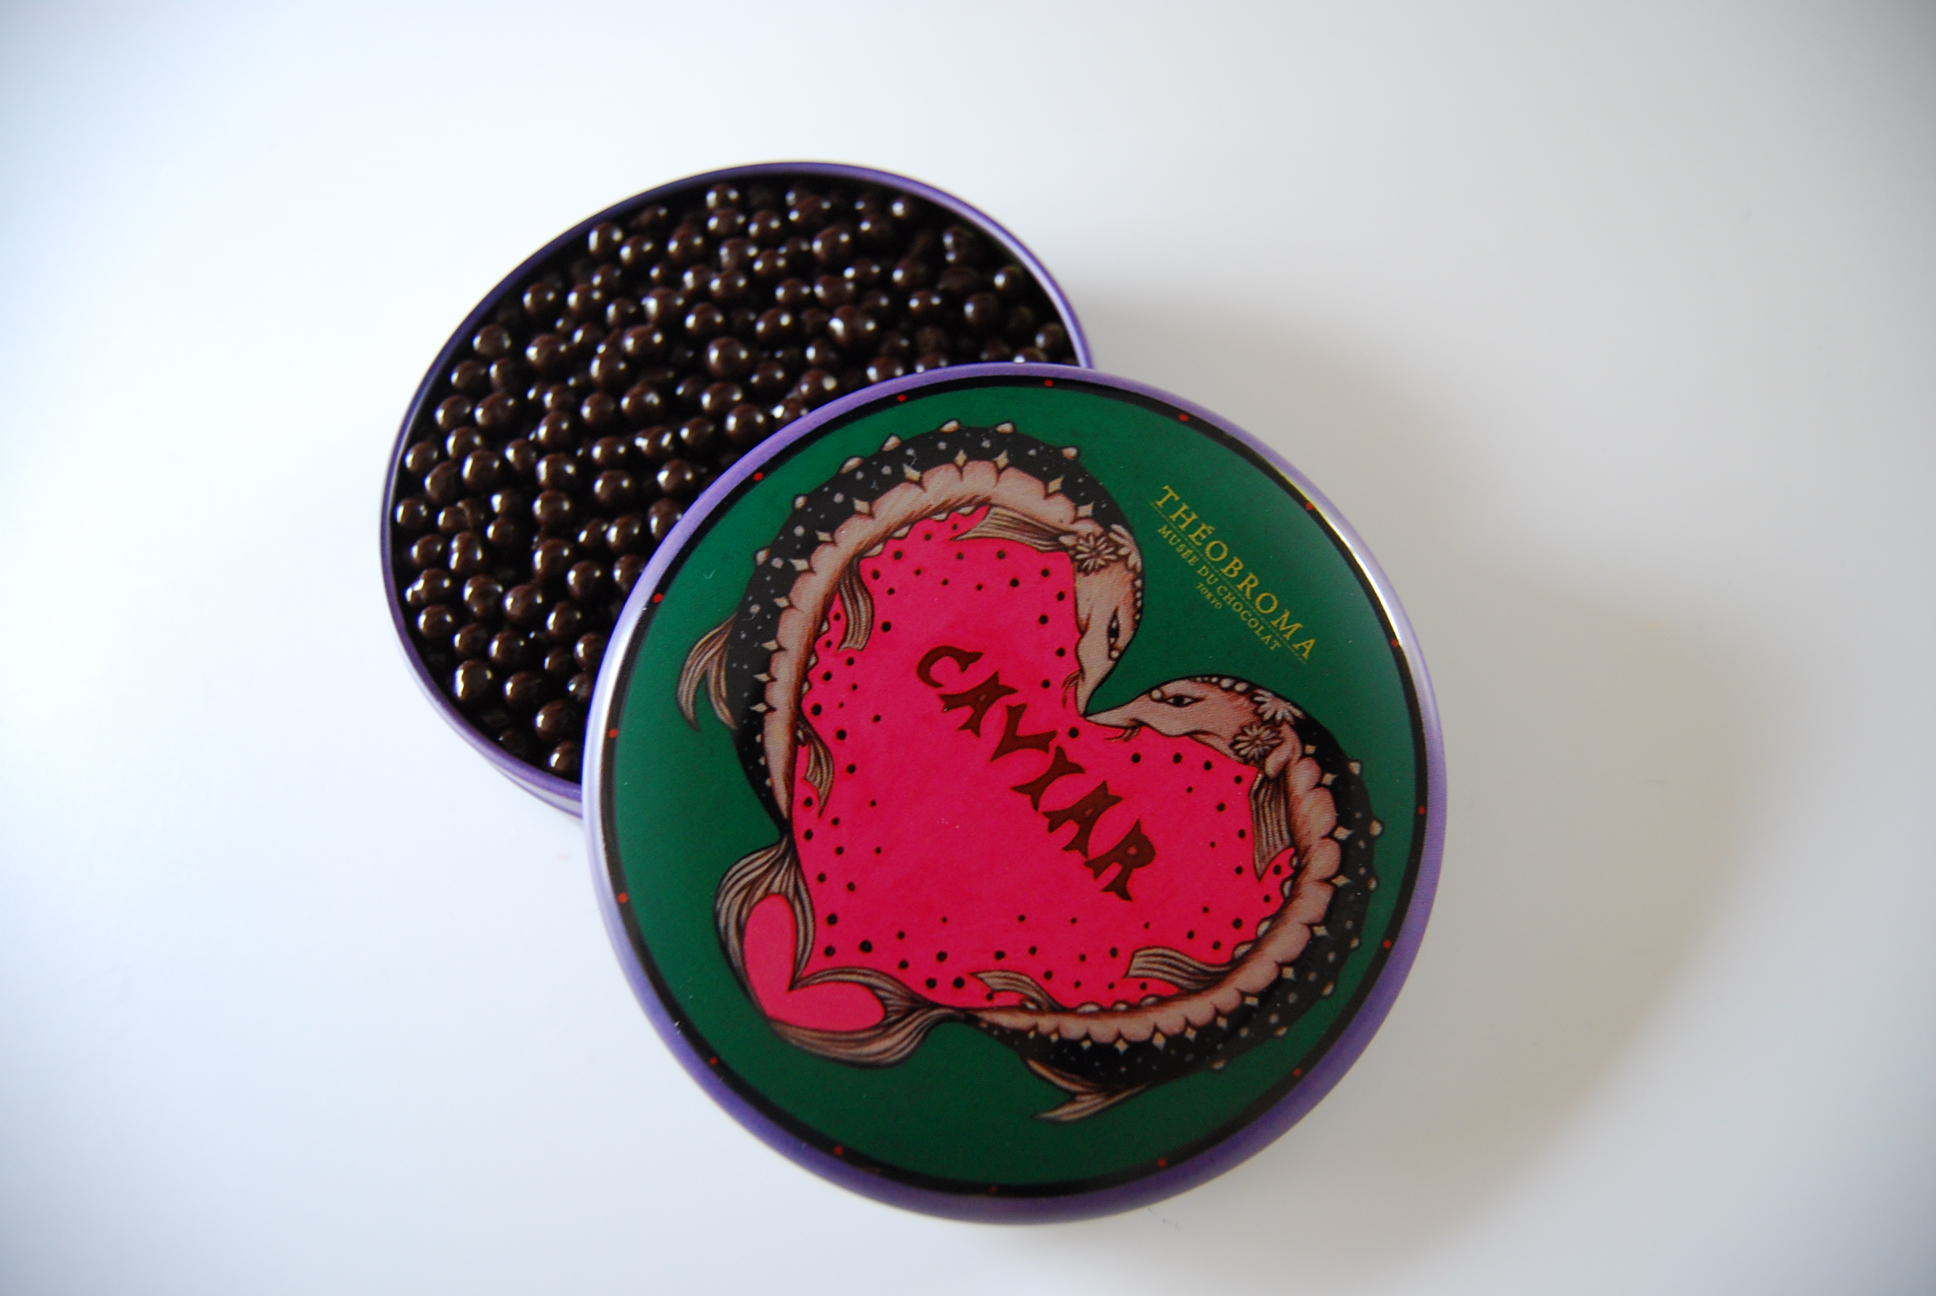 テオブロマのチョコレート_e0142956_14174384.jpg